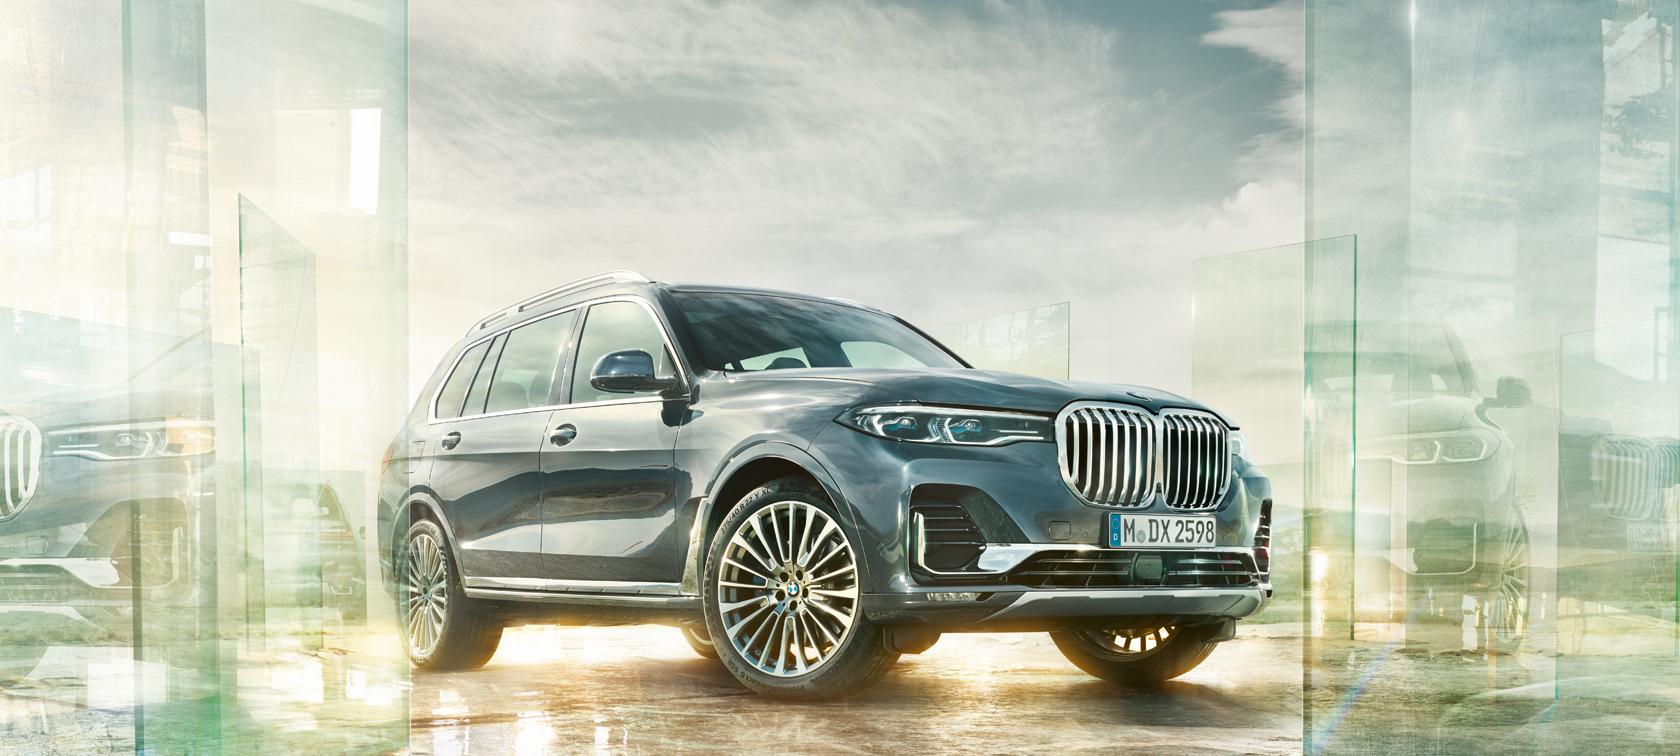 Bmw Ag Niederlassung Munchen Bmw Fahrzeuge Services Angebote U V M